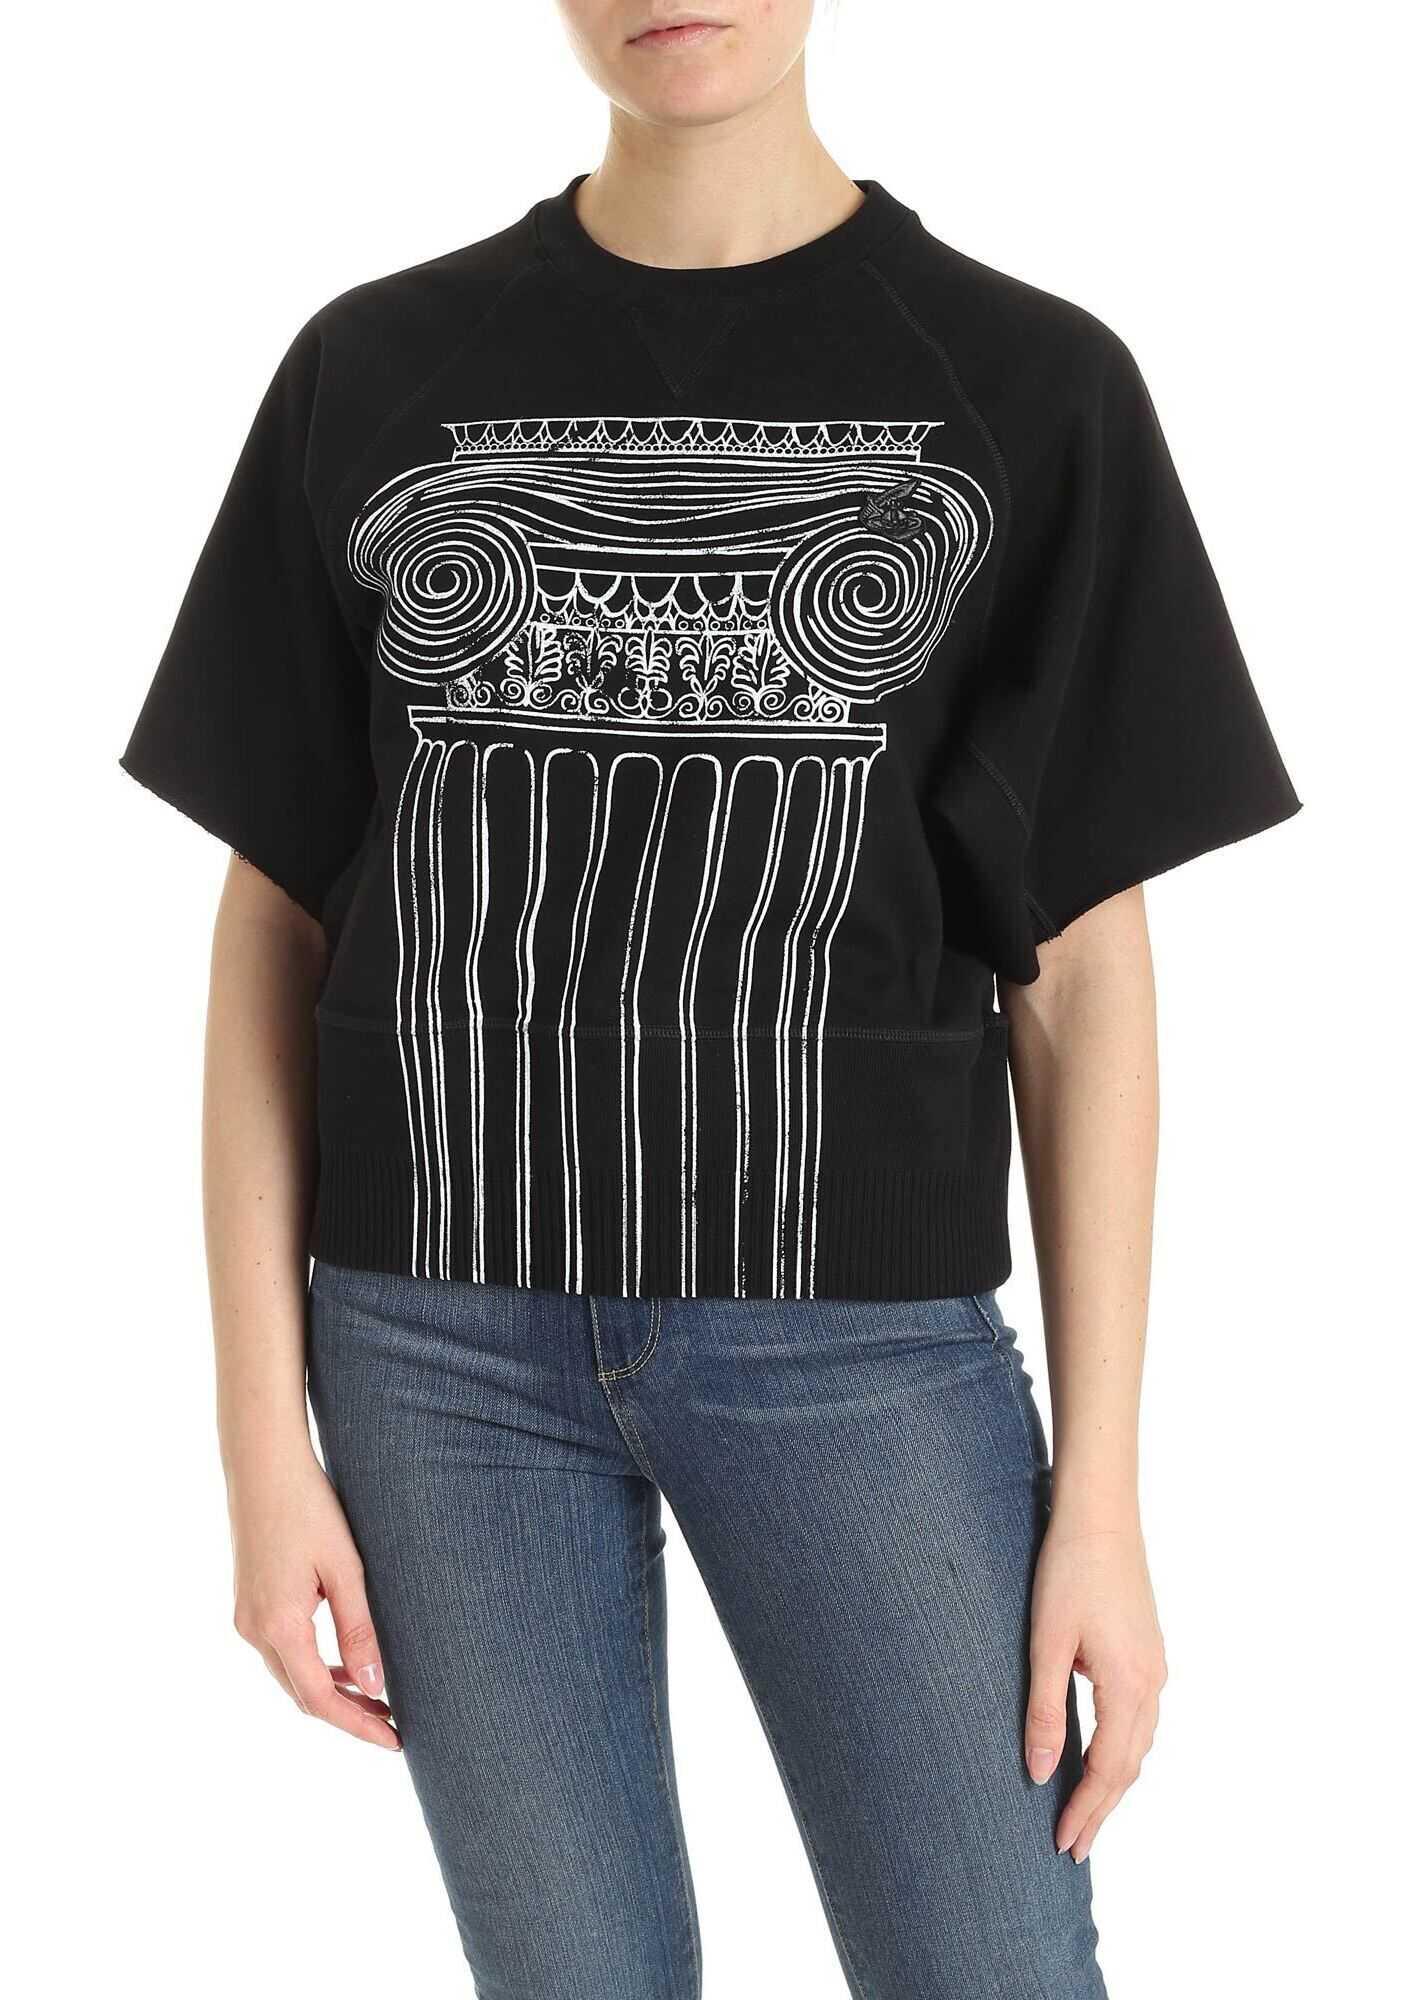 Vivienne Westwood Anglomania Print Short Sleeve Sweatshirt In Black Black